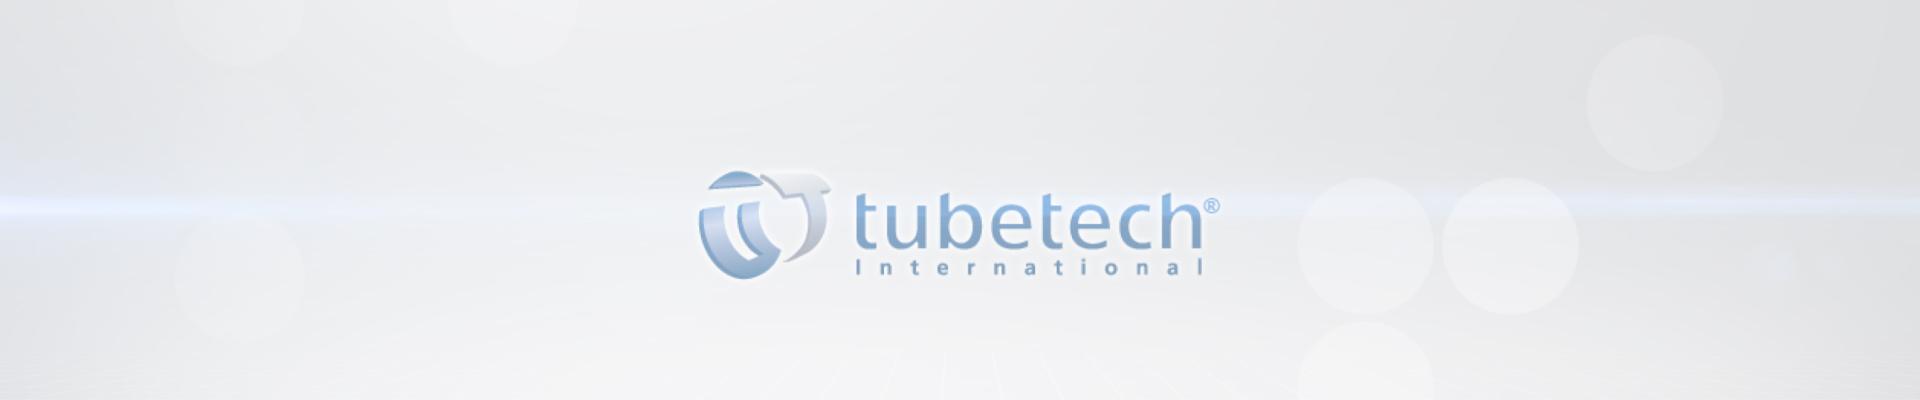 testimonial-tubetech